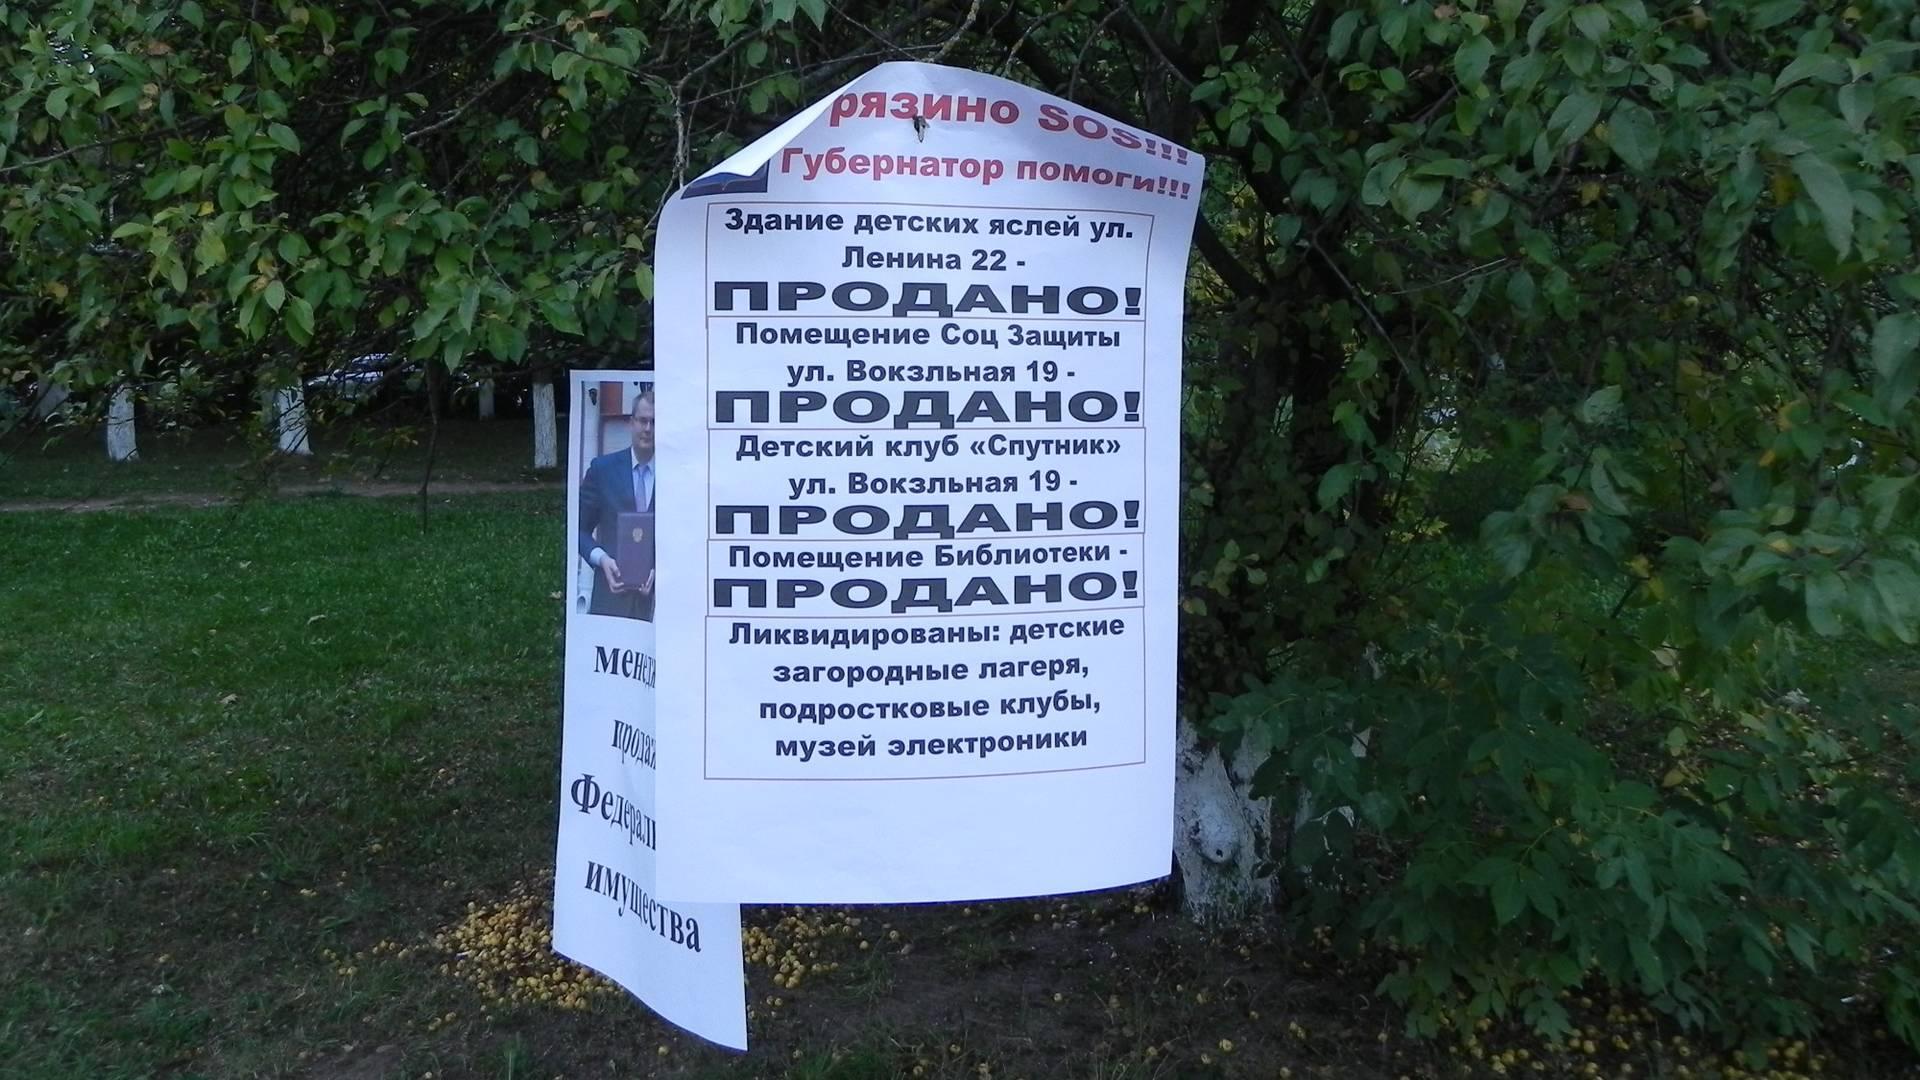 Плакат митинга в защиту библиотеки во Фрязино